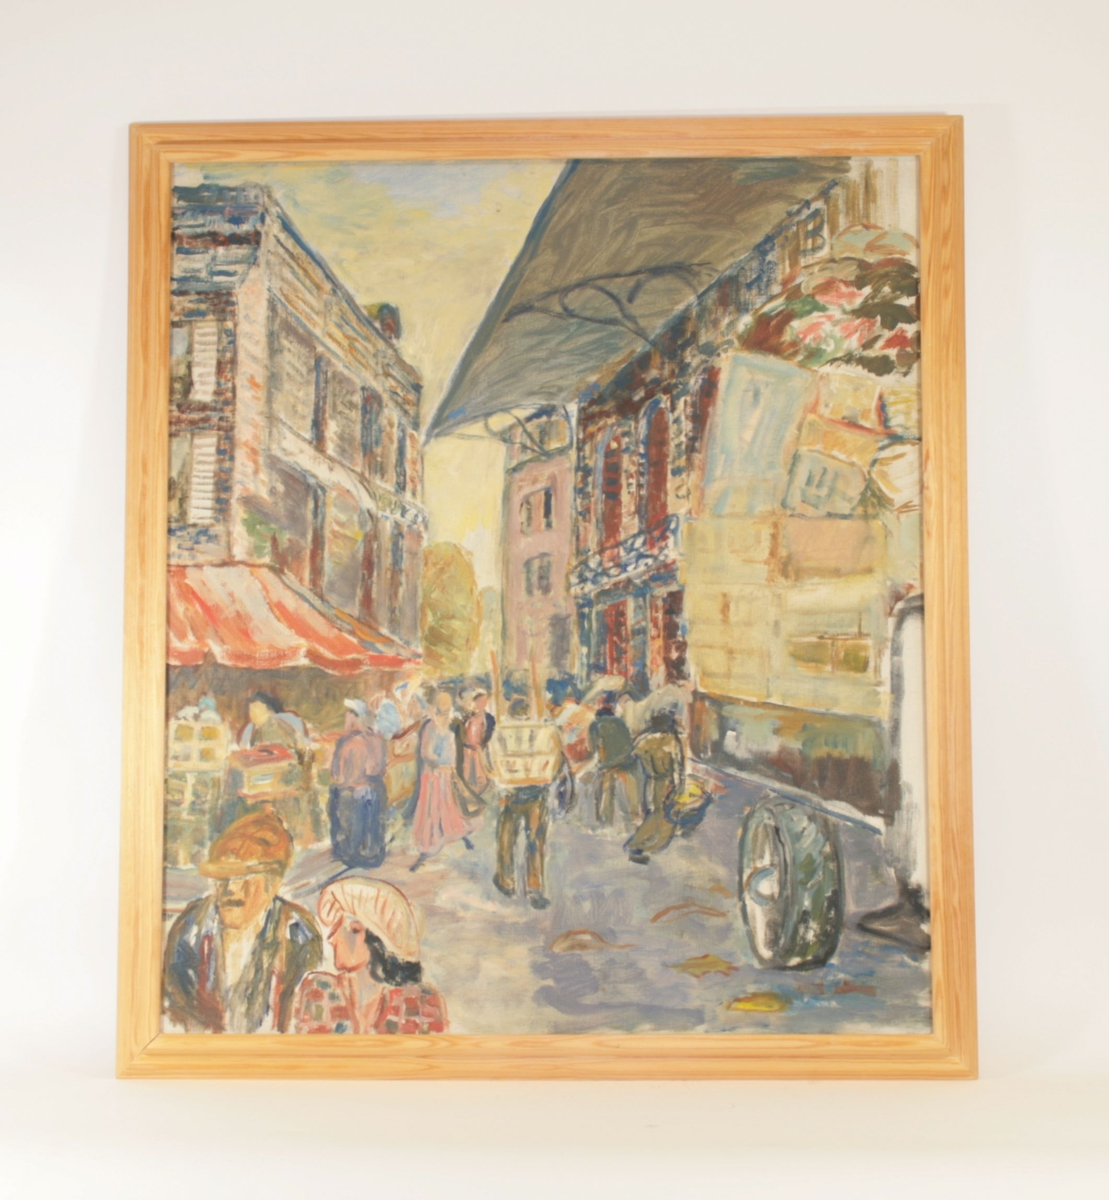 Motivet viser en gatescene, med en gate som går innover fra forgrunnen.  En murbygning i fire etasjer reiser seg til venstre for gaten, en rød baldakin strekker seg ut over gaten over den første etasjen. To murbygninger til høyre. Bygningen fremst til høyre har et tak som strekker seg noe over gaten. I forgrunnen ser man til venstre i bildet to mennesker i forgrunnen, fra skuldrene og opp;  en kvinne og en mann, begge med hatt. Kvinnen snur seg mot mannen. Til høyre ser man bakre del av en lastebil med planet fullt lastet av esker og annet. Mennesker går på gate både innover og utover i bildet. Et fokuspunkt er en mann som bærer en stol eller kurv på ryggen midt i gaten (midt i bildet). Penselstrøkene er markerte, og fargebruken er sterk.